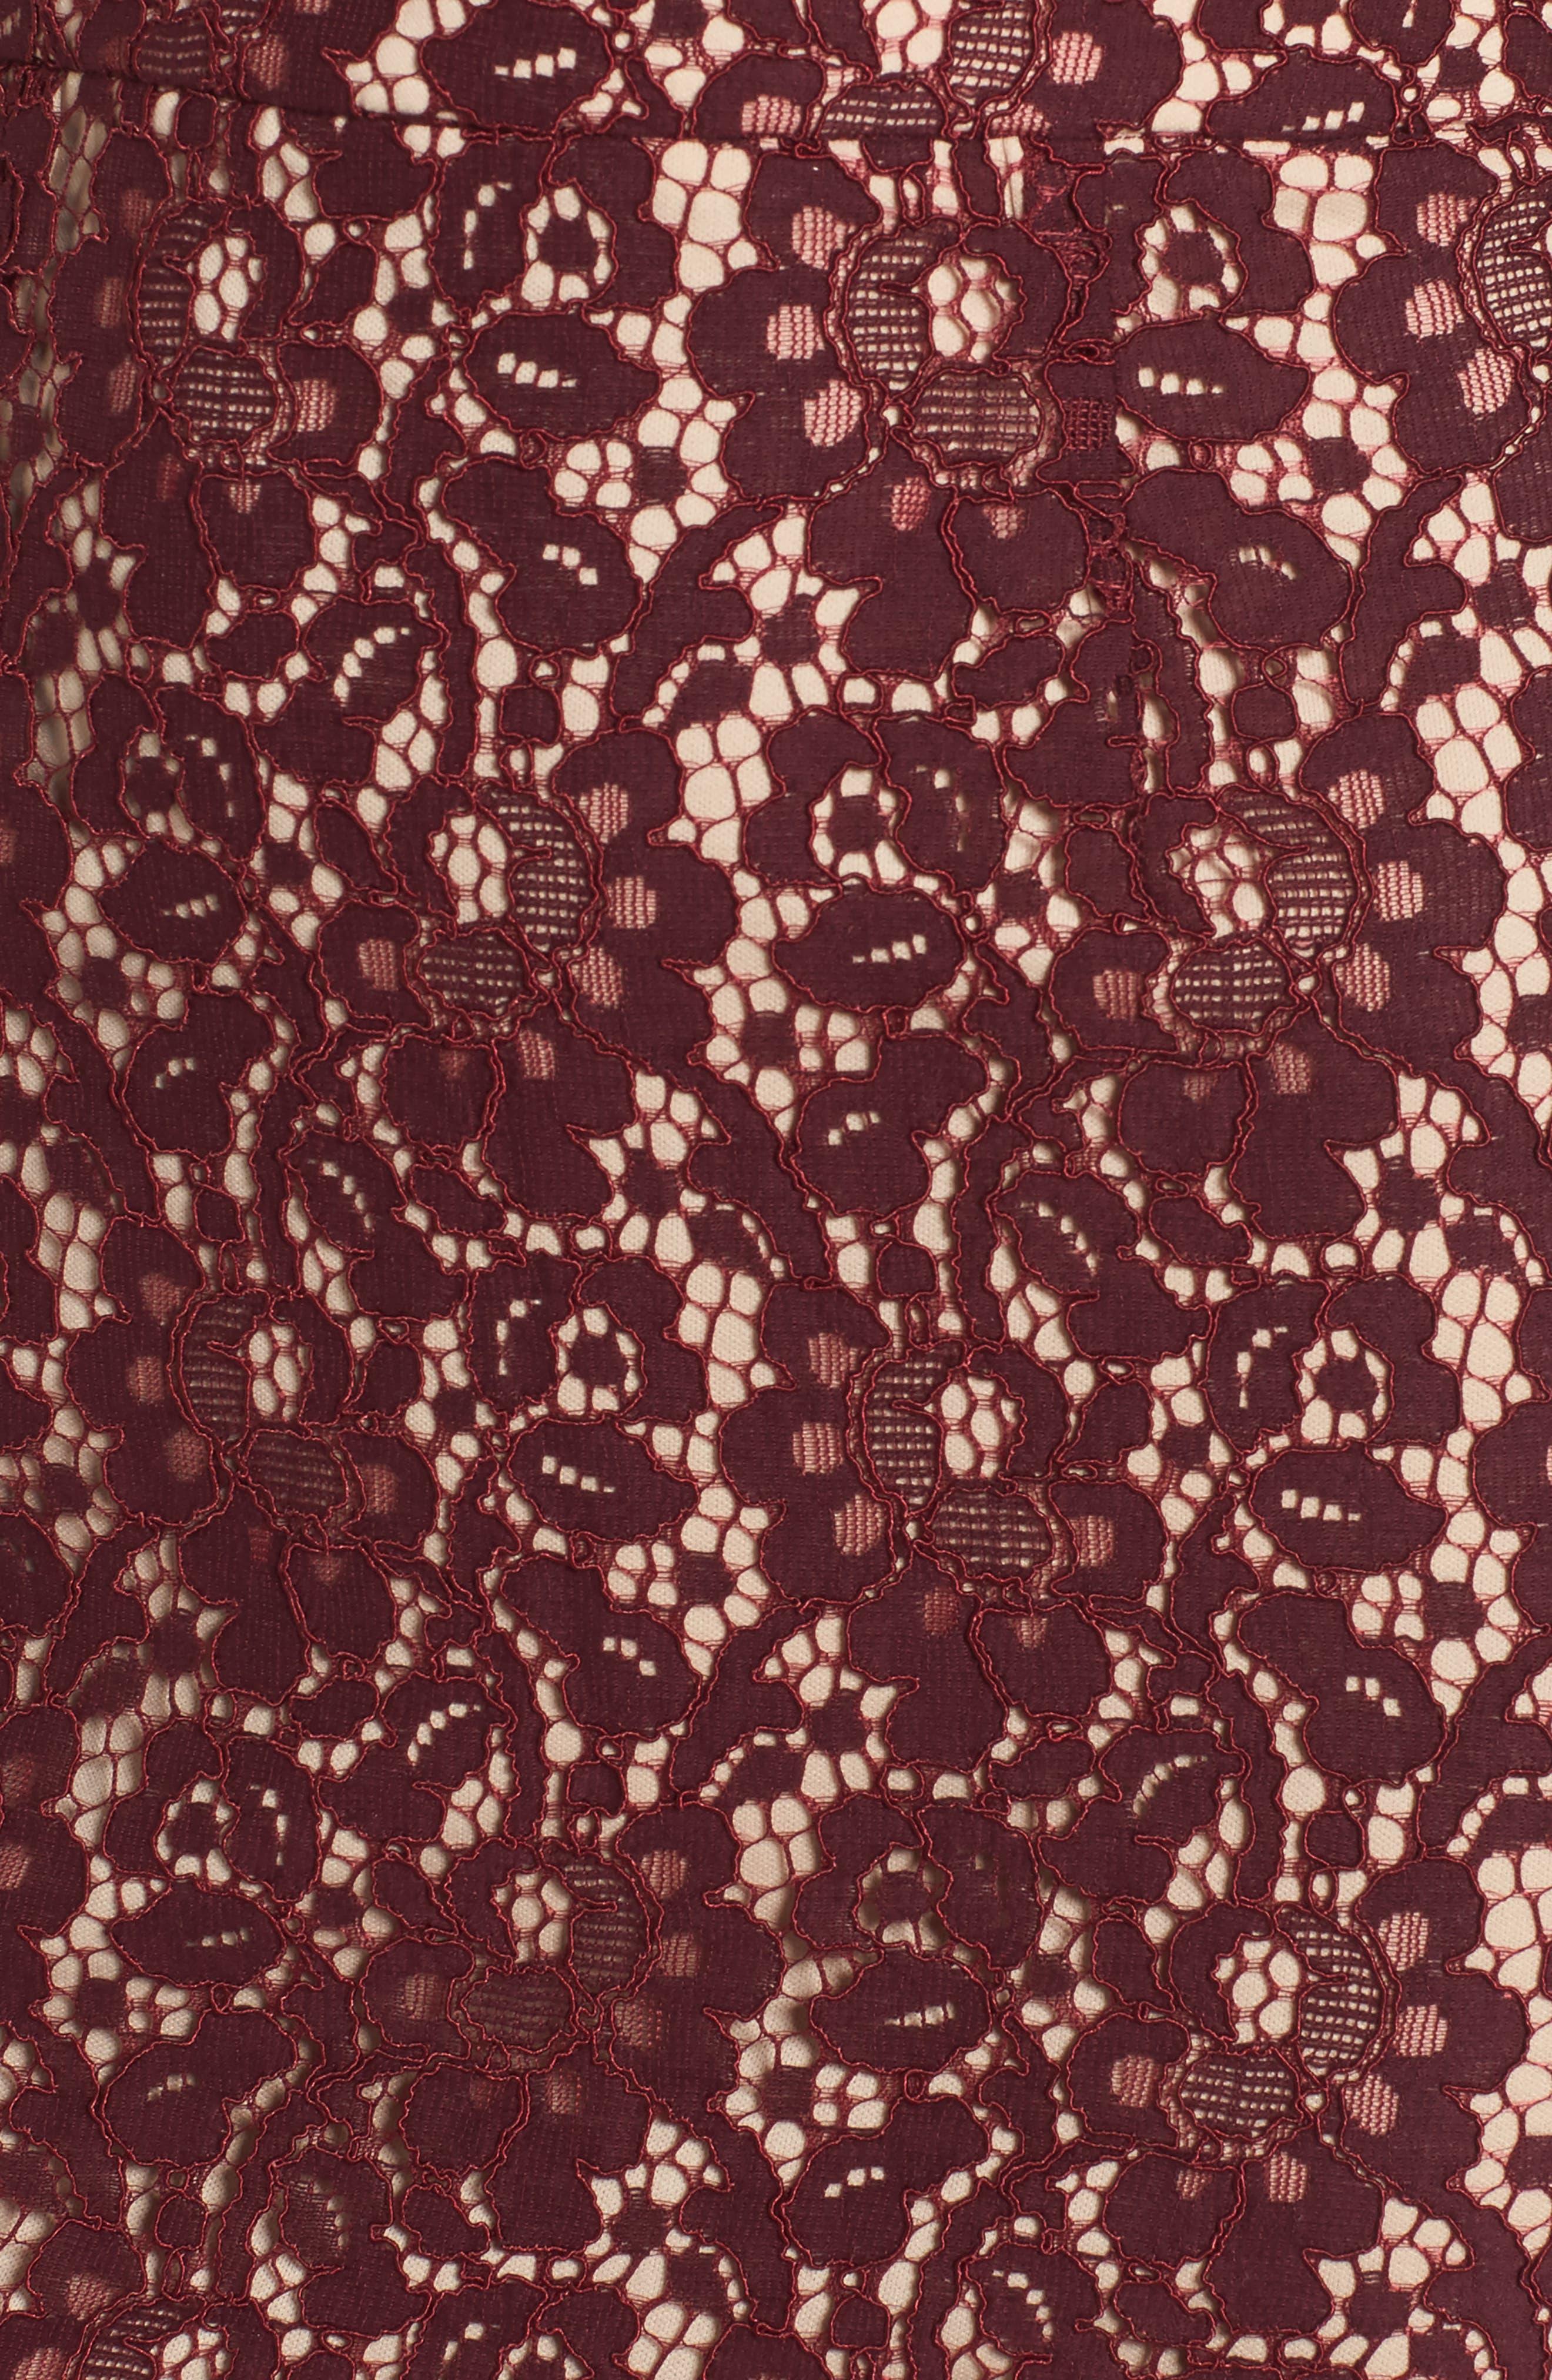 Lace Halter Midi Dress,                             Alternate thumbnail 5, color,